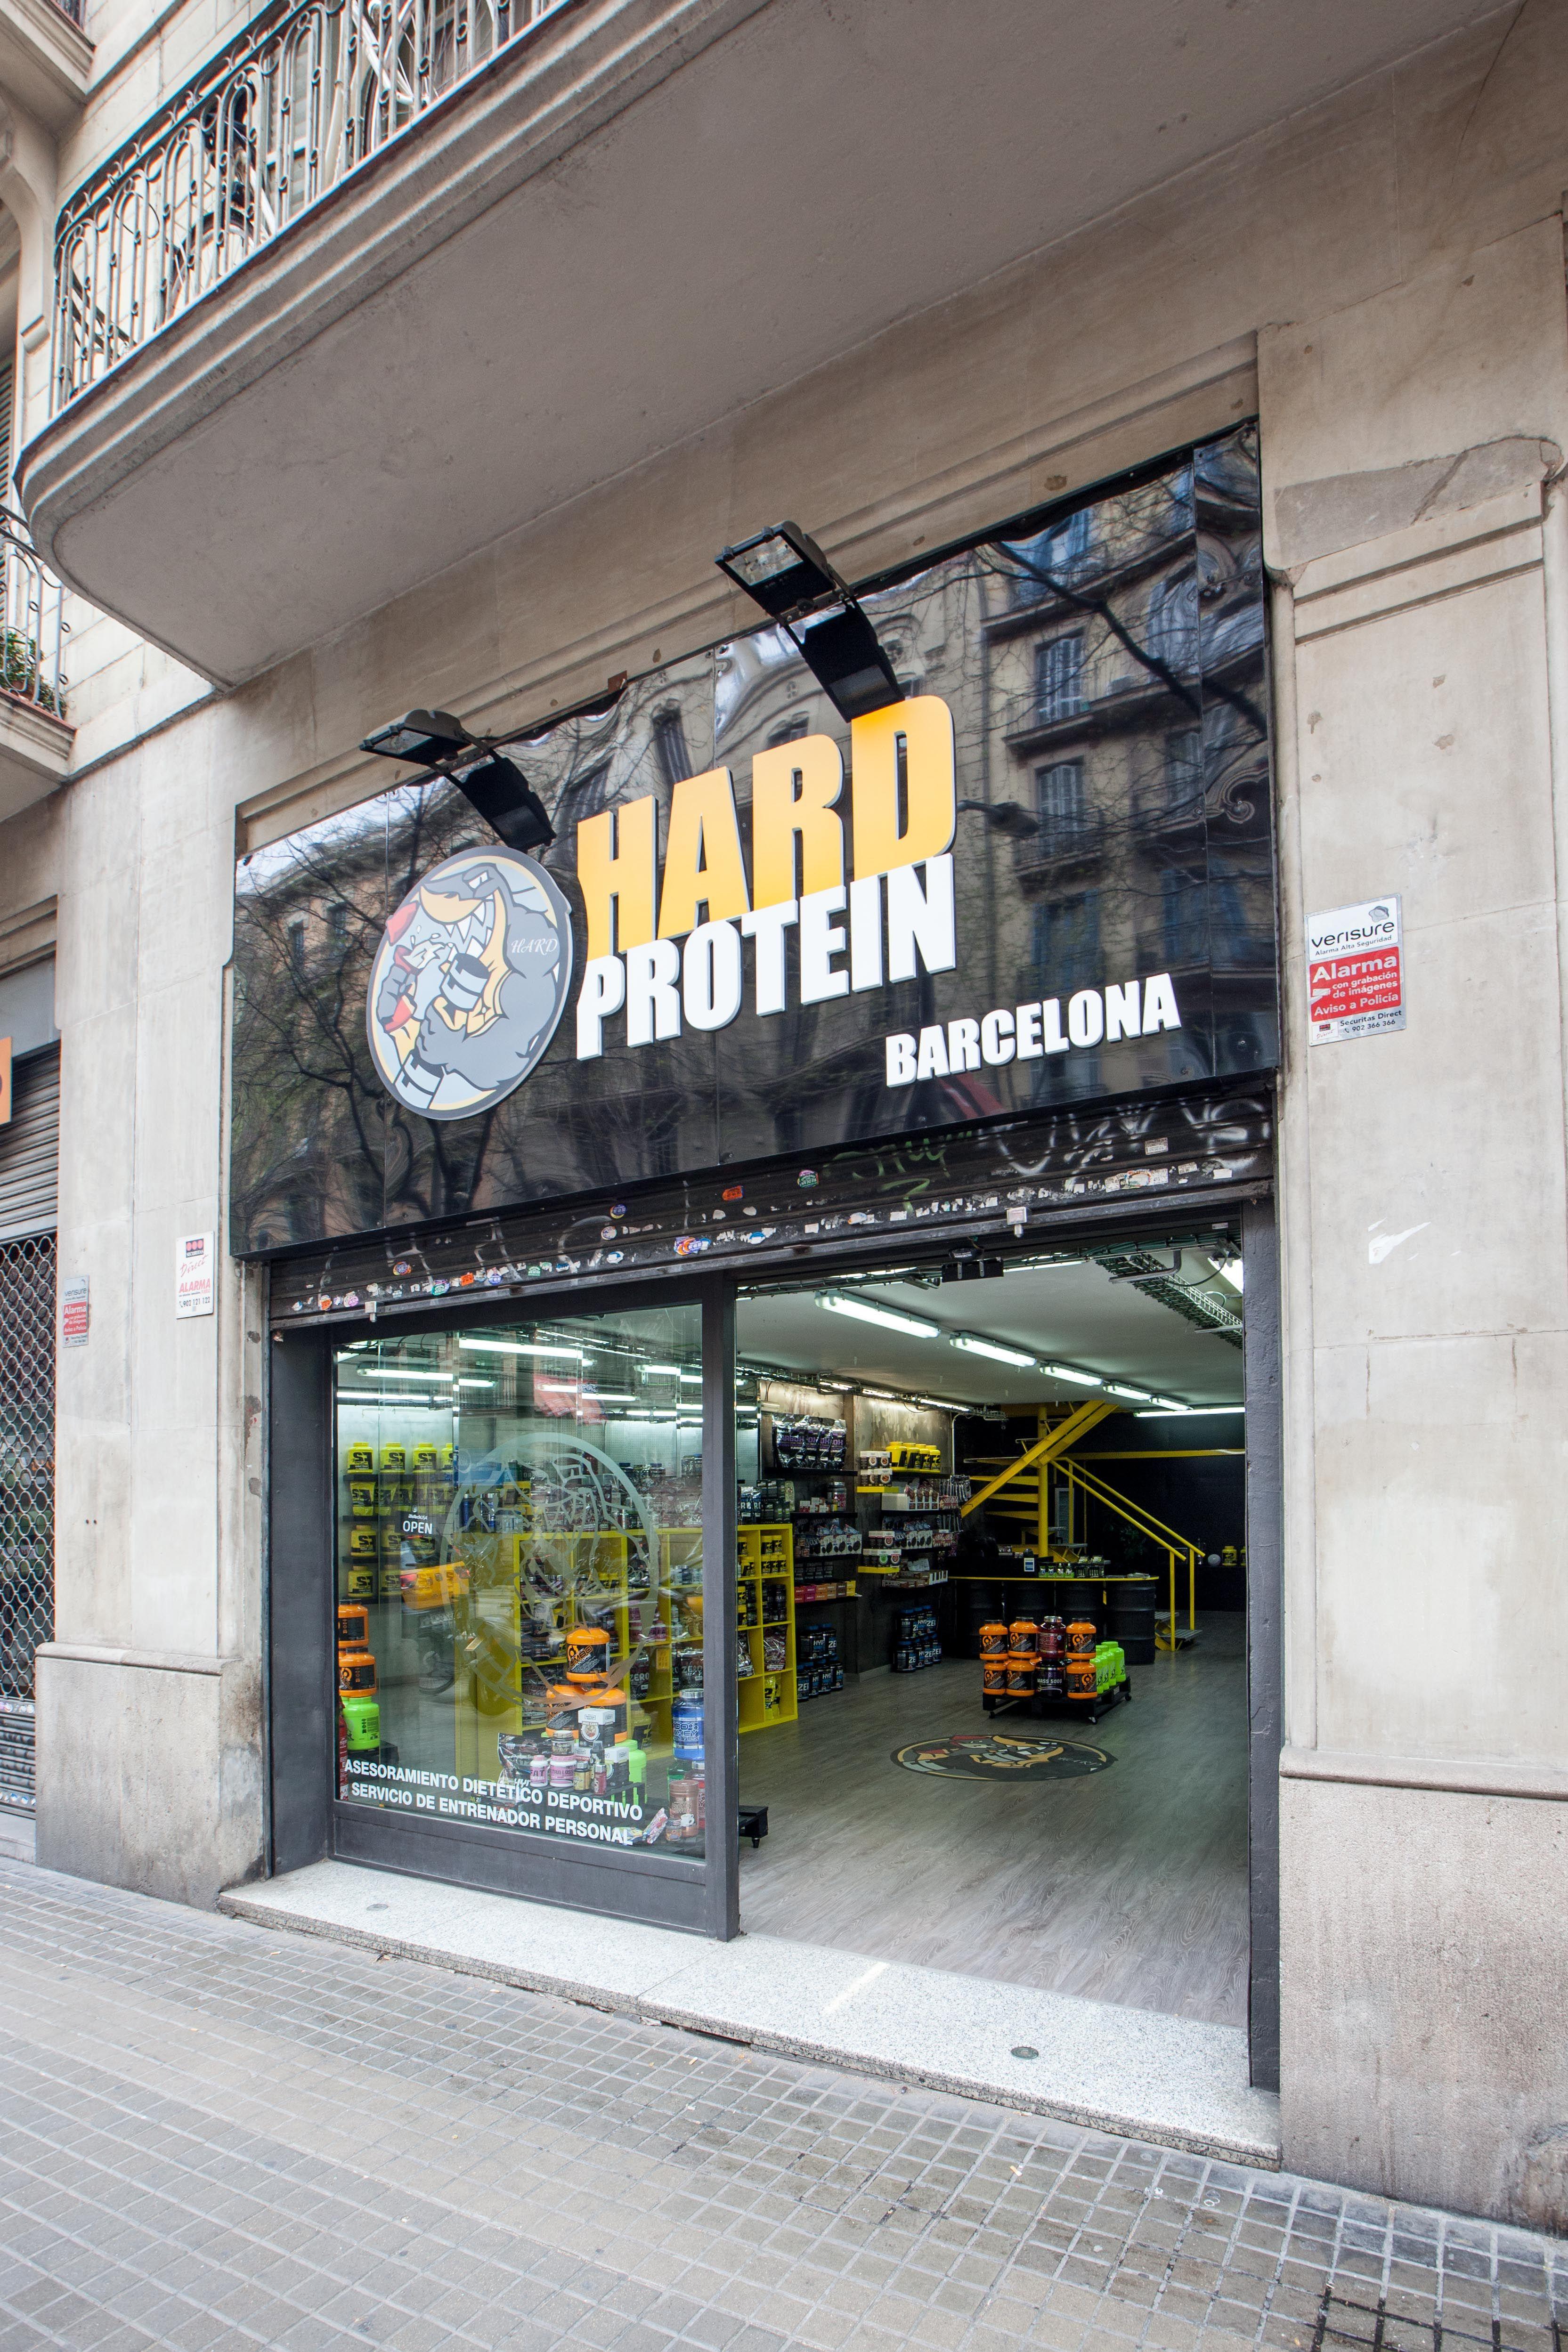 Foto 2 de Nutrición deportiva en Barcelona | HardProtein